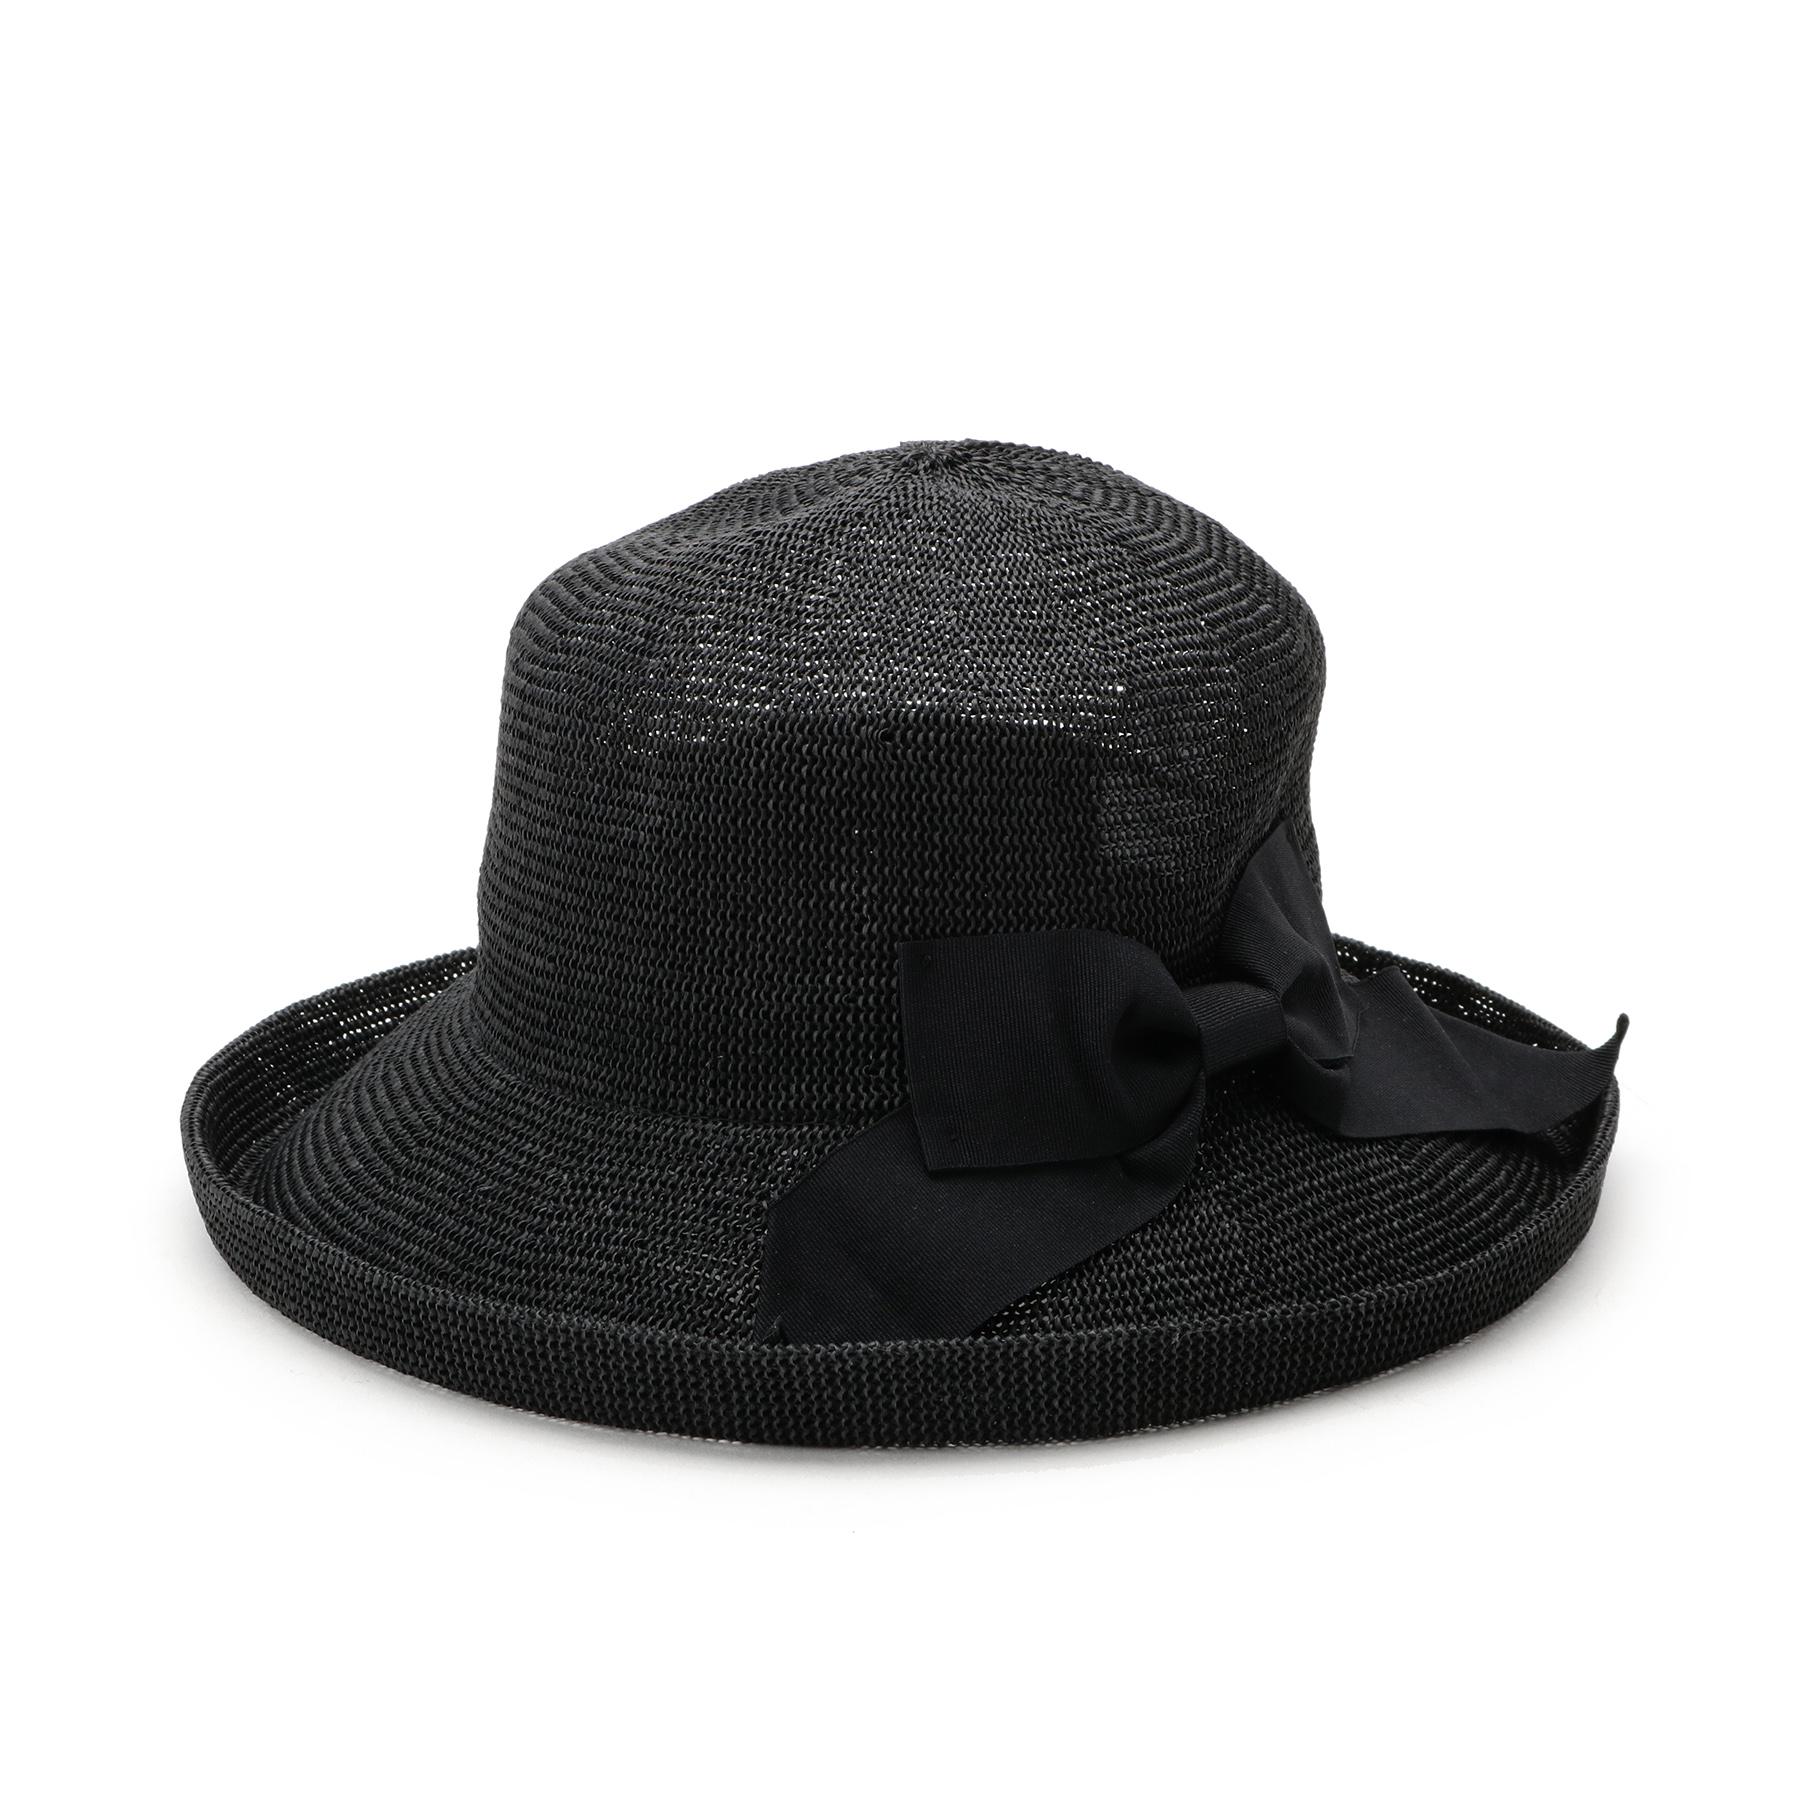 【OPAQUE.CLIP (オペークドットクリップ)】エッジアップリボンハットレディース 帽子 ハット ブラック